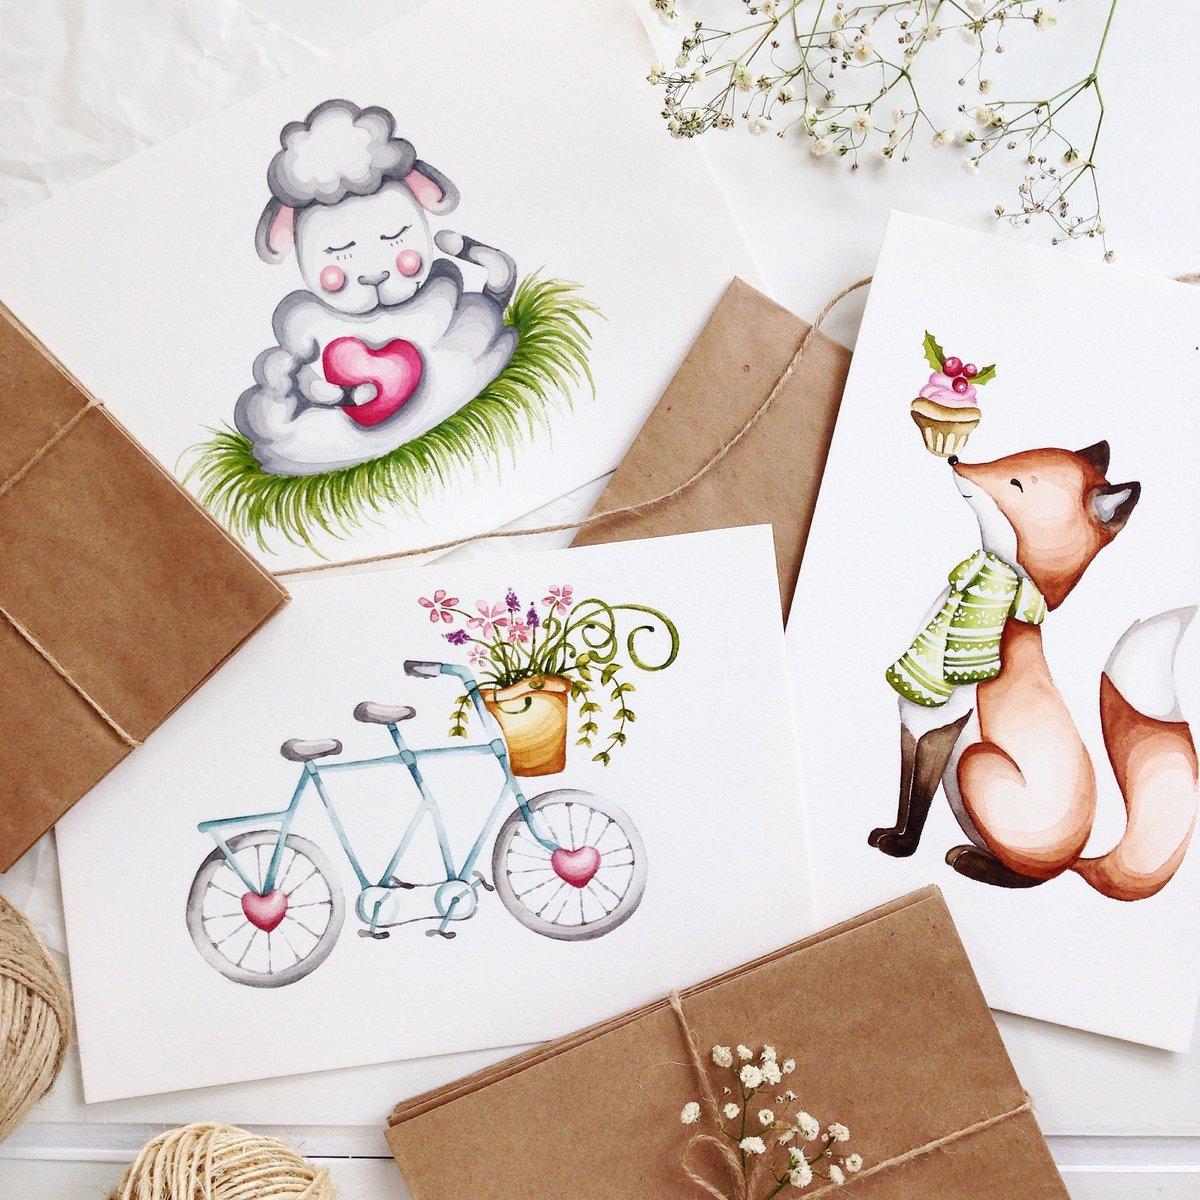 Поздравления днем, арт-дизайн каталог открыток